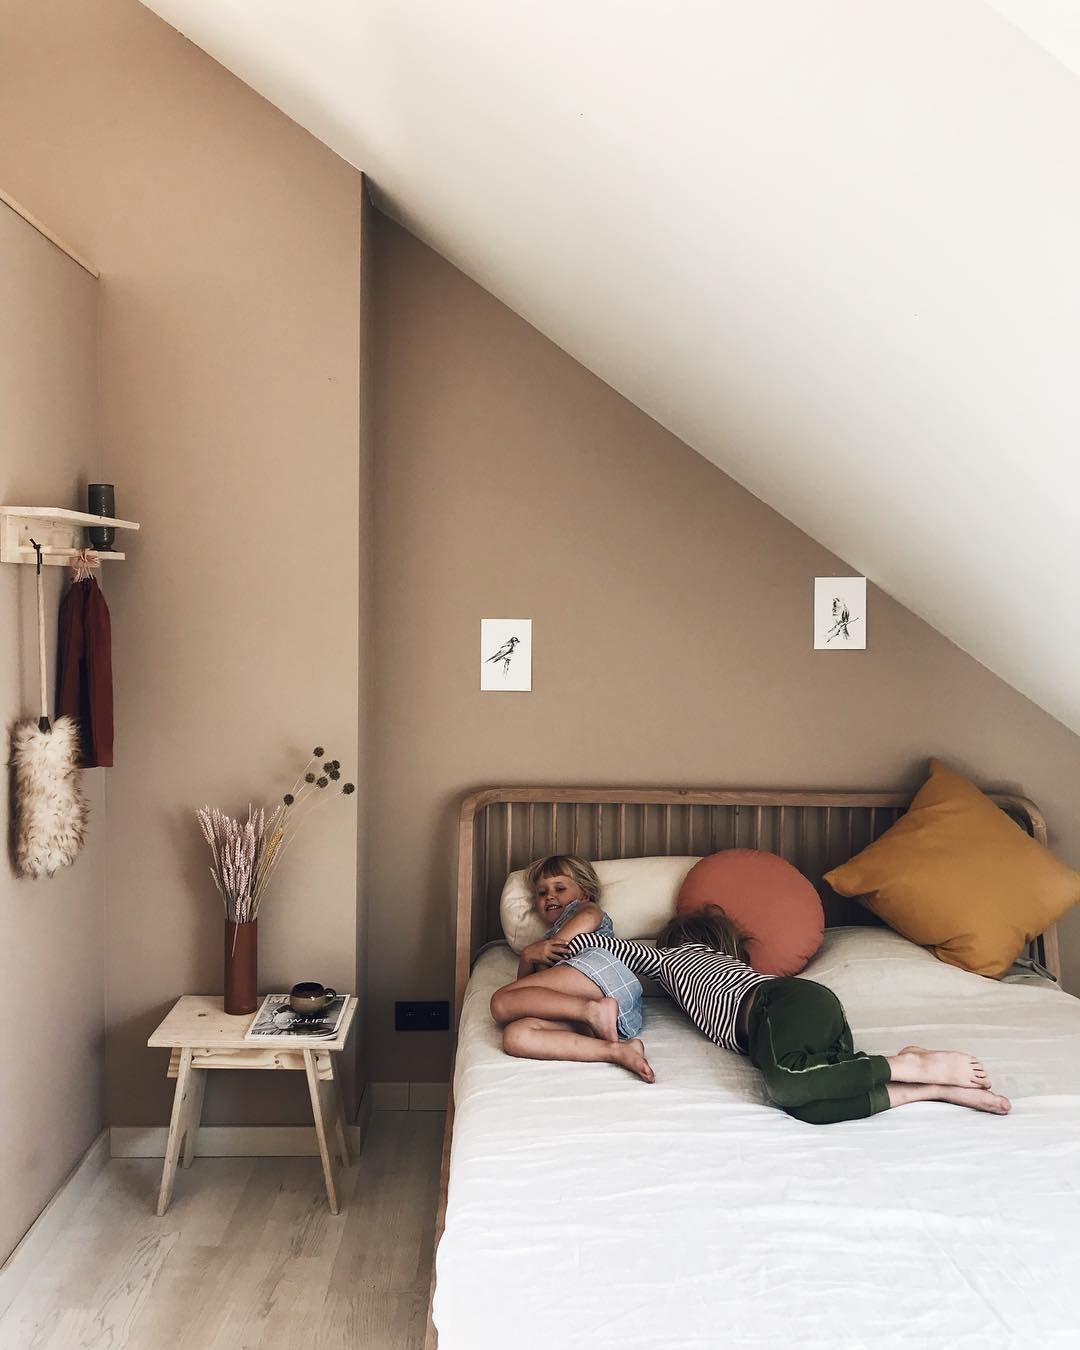 Een Persoon Slaapkamer.Afbeelding Kan Het Volgende Bevatten 1 Persoon Woonkamer Tafel En